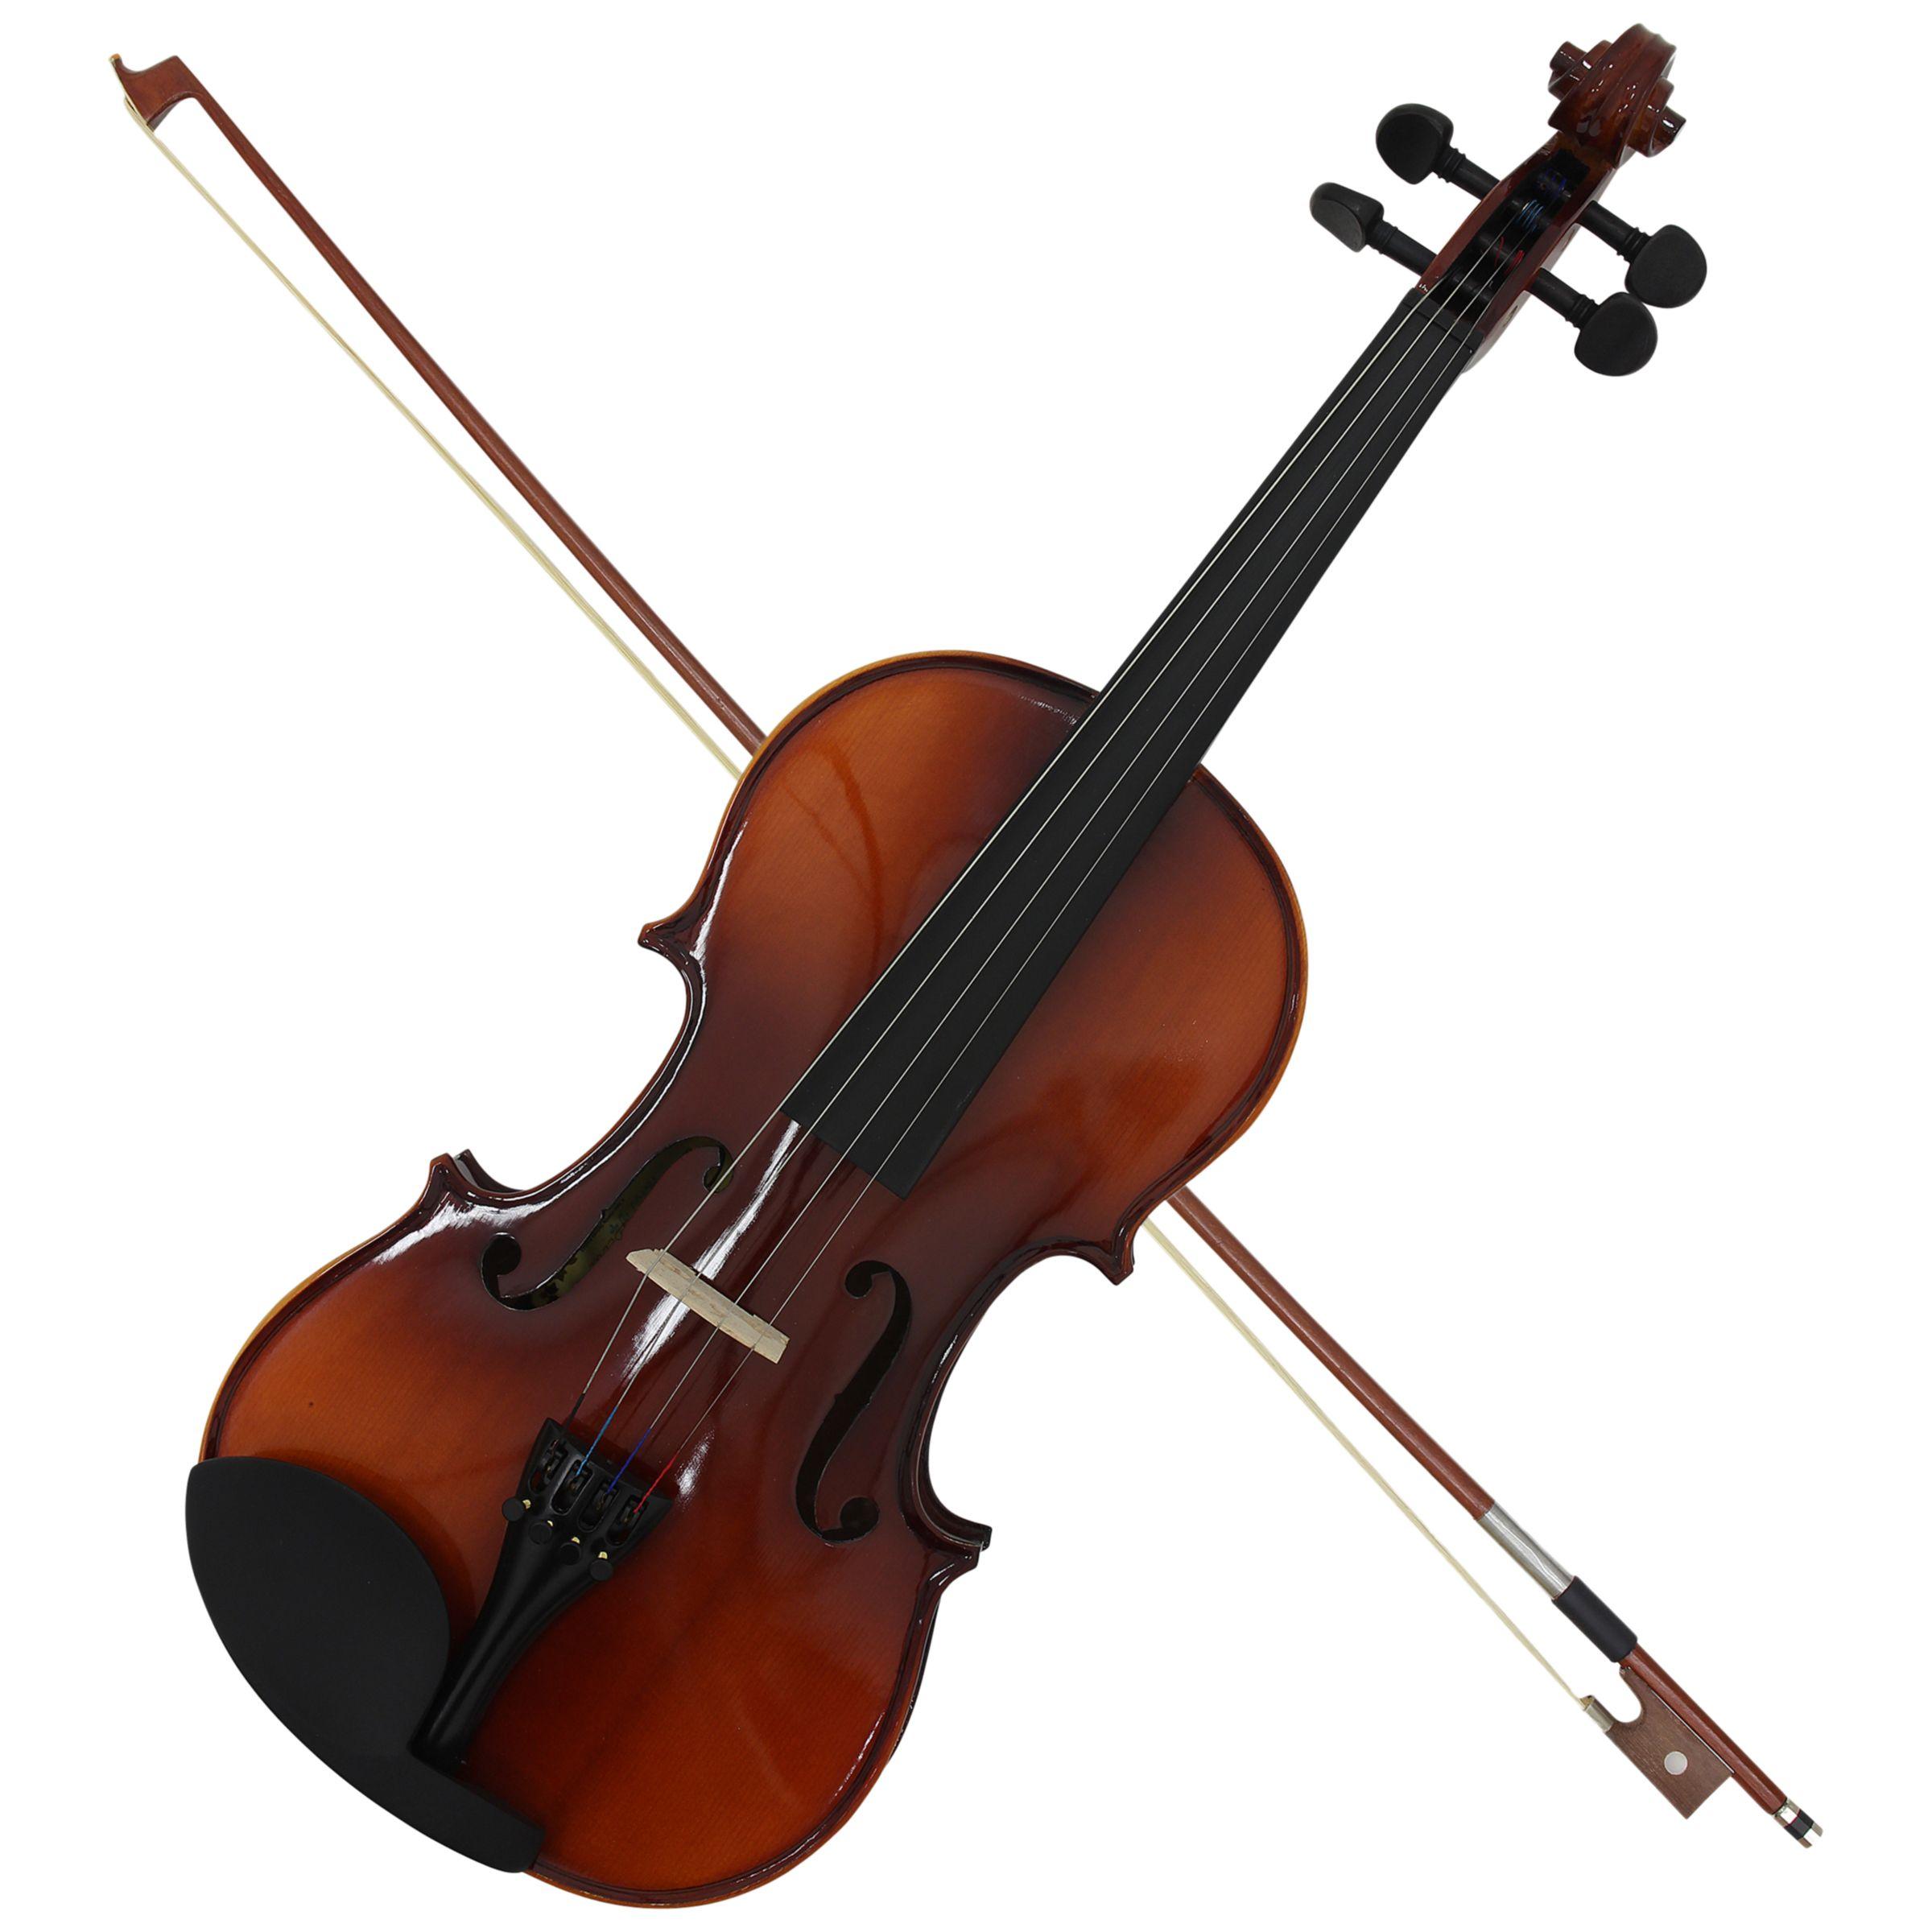 Antoni Antoni Debut Full Size Violin Outfit